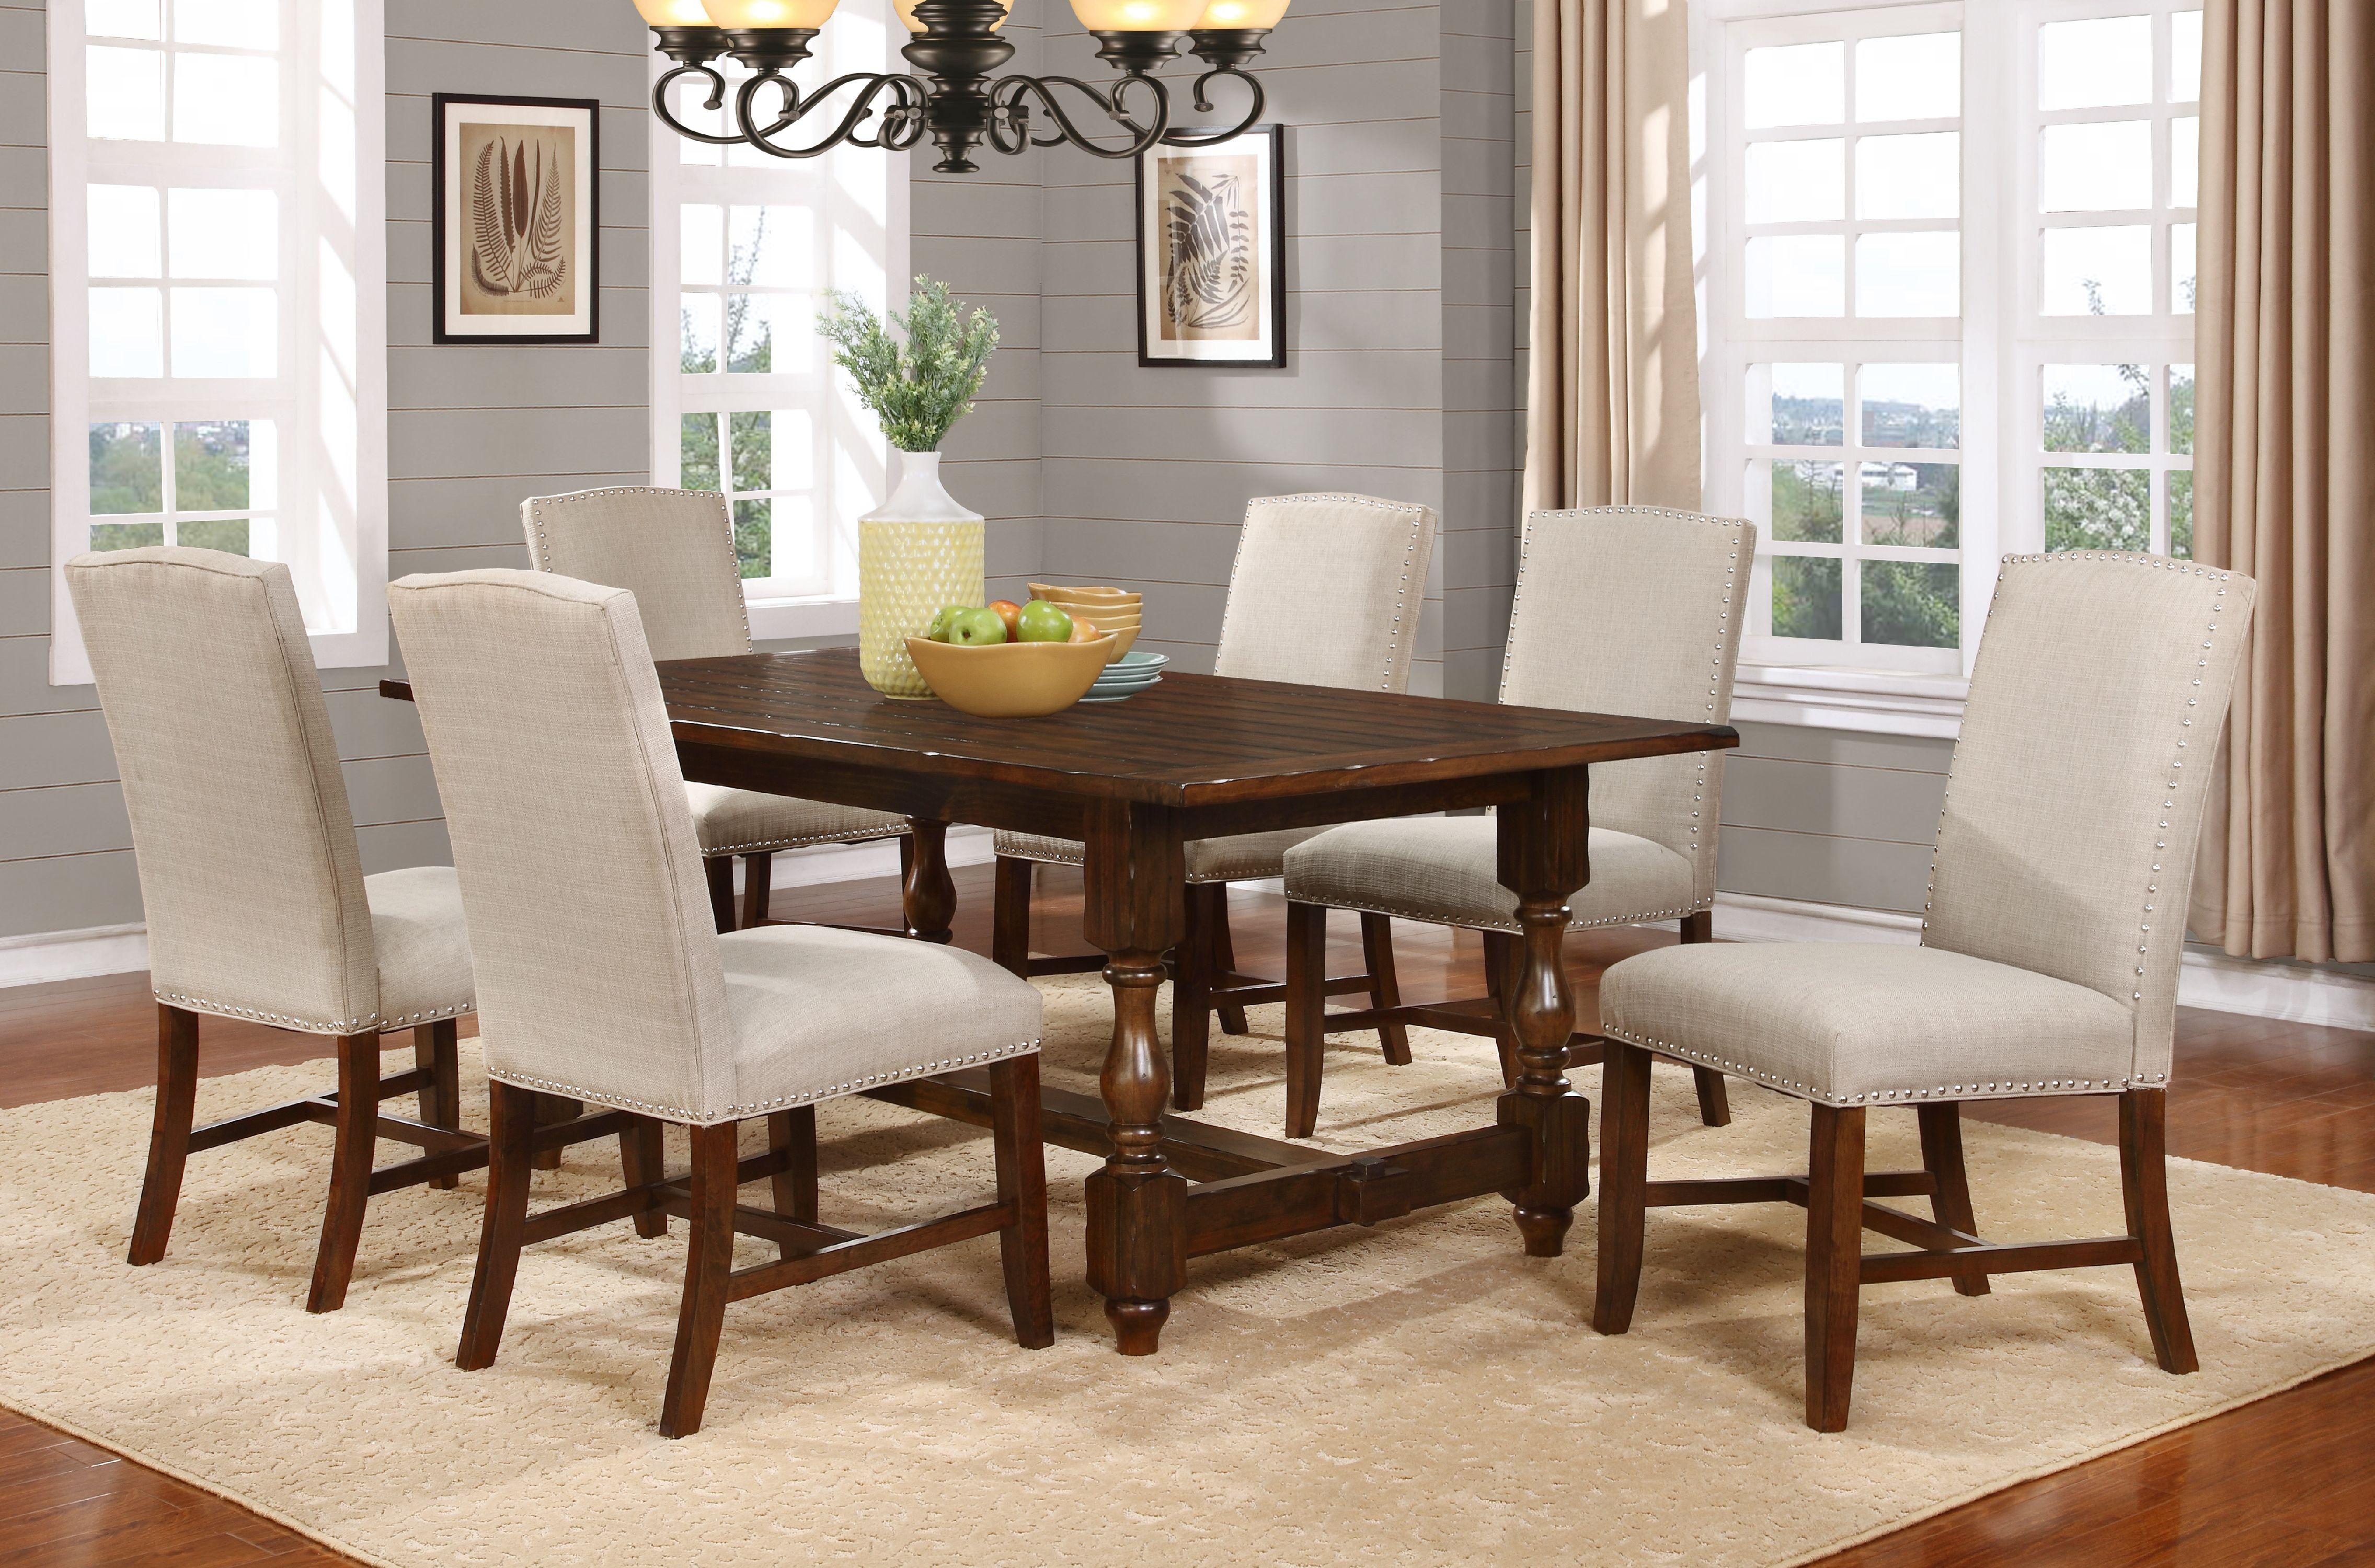 Best Master Furniture Hoover Walnut Color 5-Piece Dining Room Set by Best Master Furniture